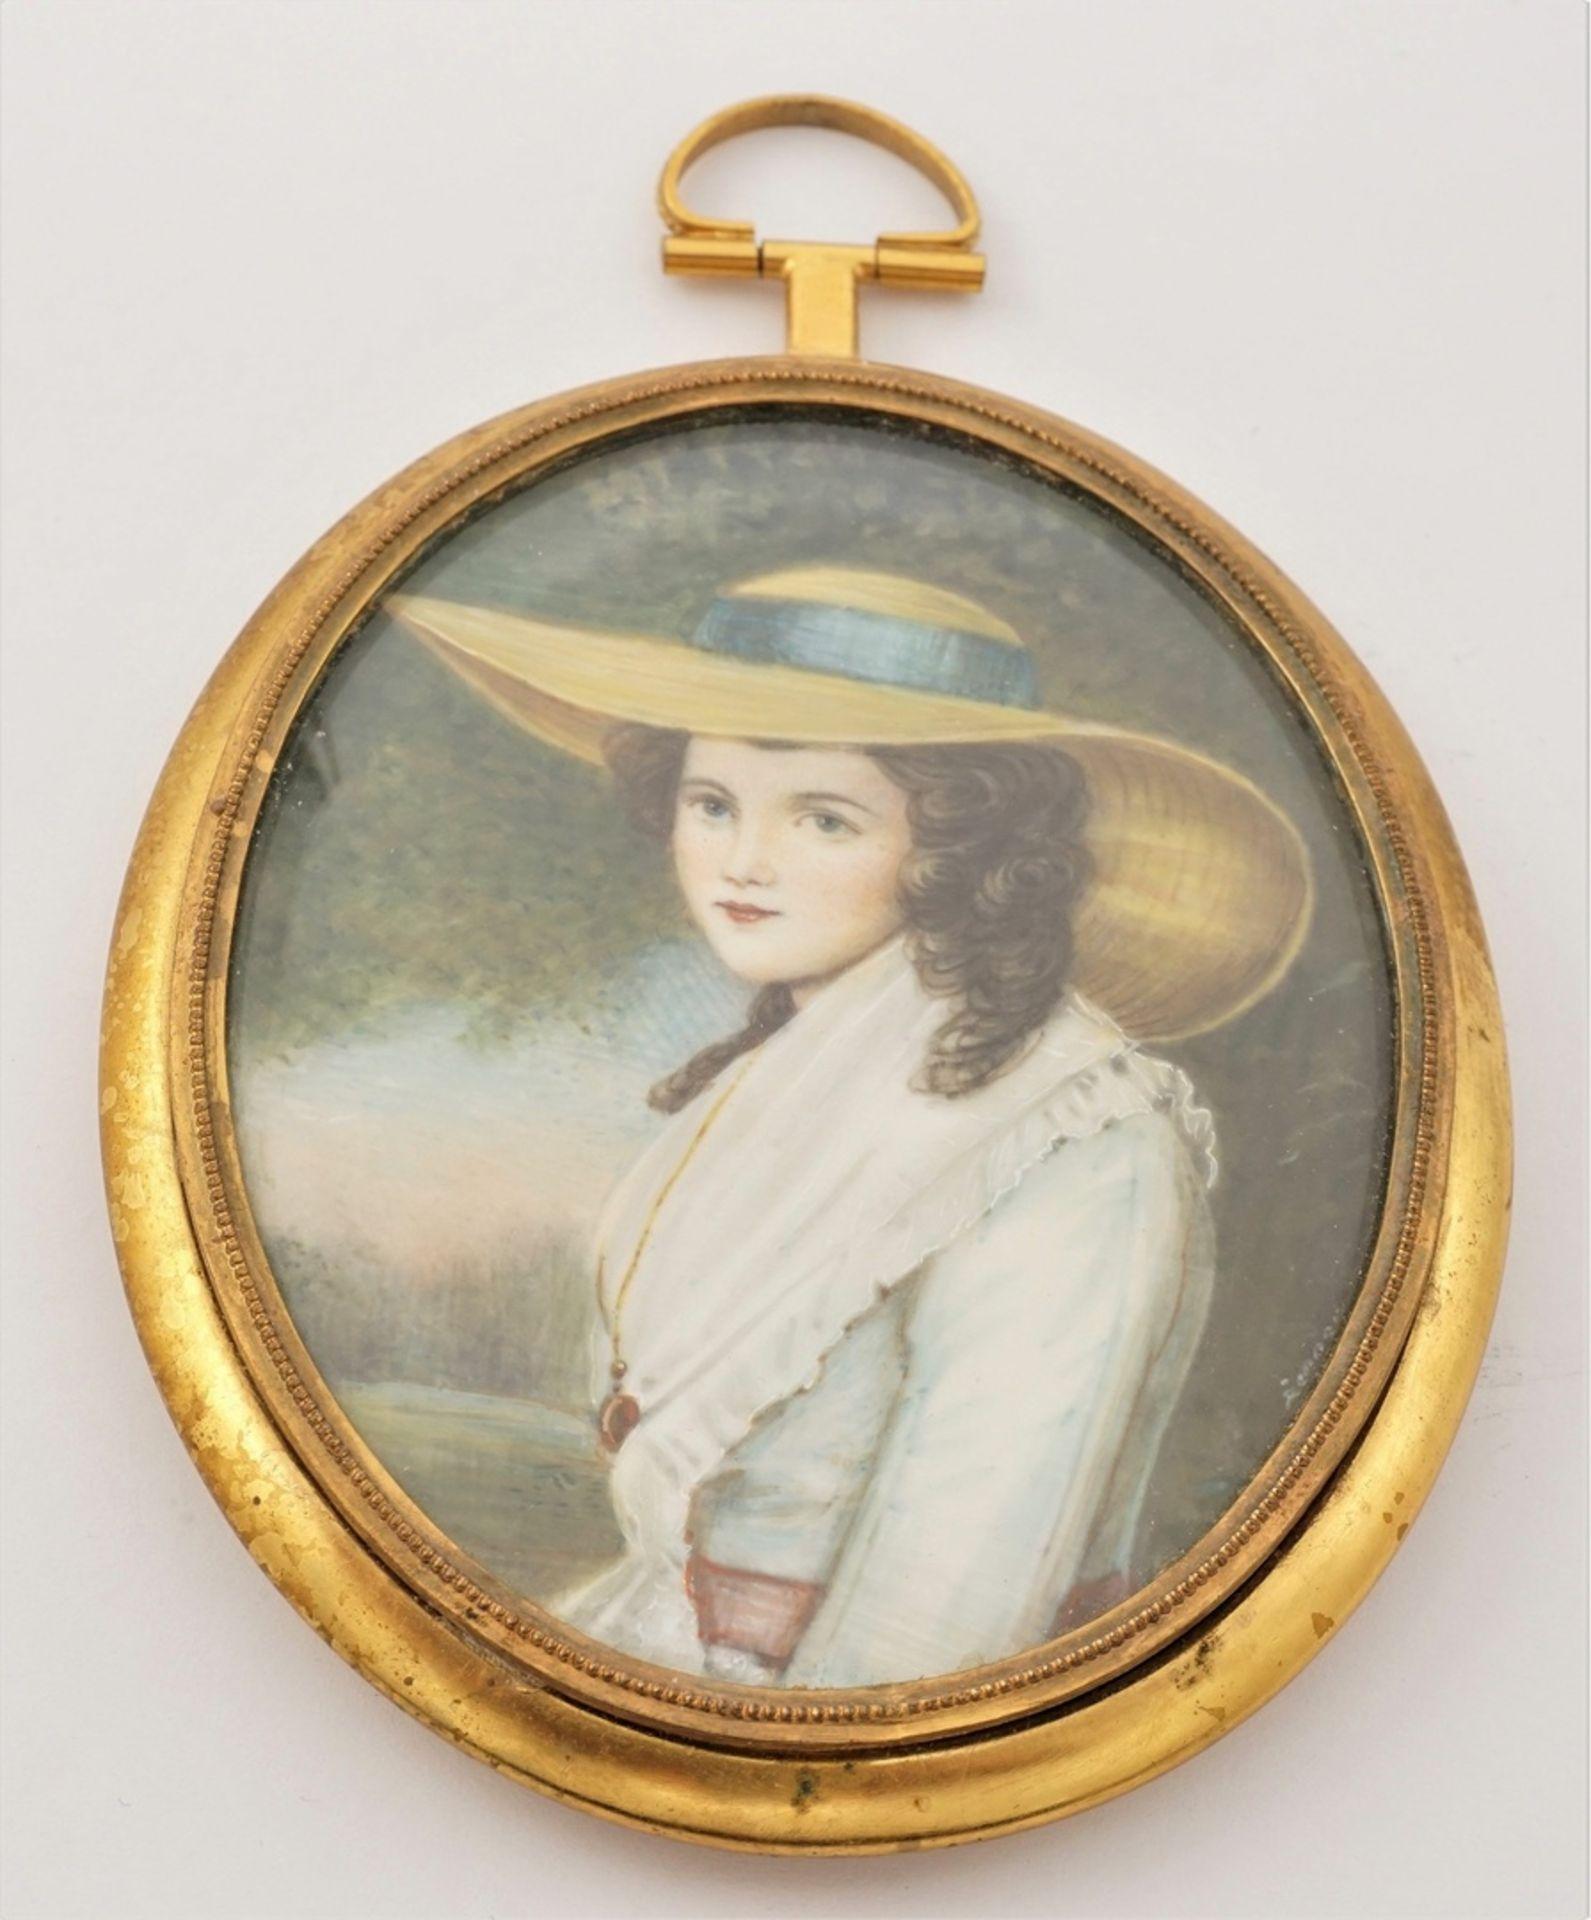 Miniatur-Portrait und -Brosche - Bild 3 aus 4